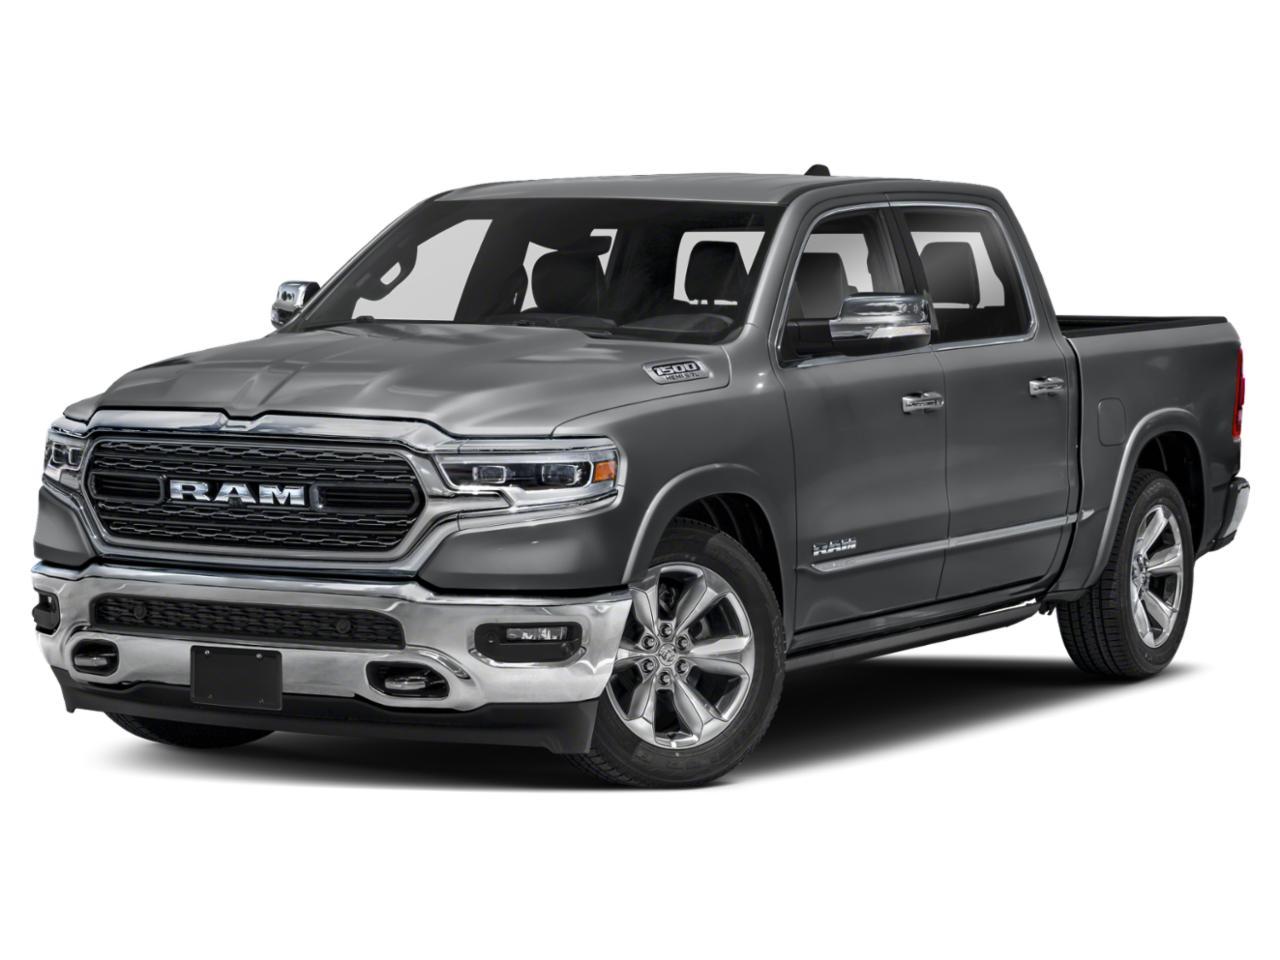 2019 Ram 1500 Vehicle Photo in GAINESVILLE, FL 32609-3647